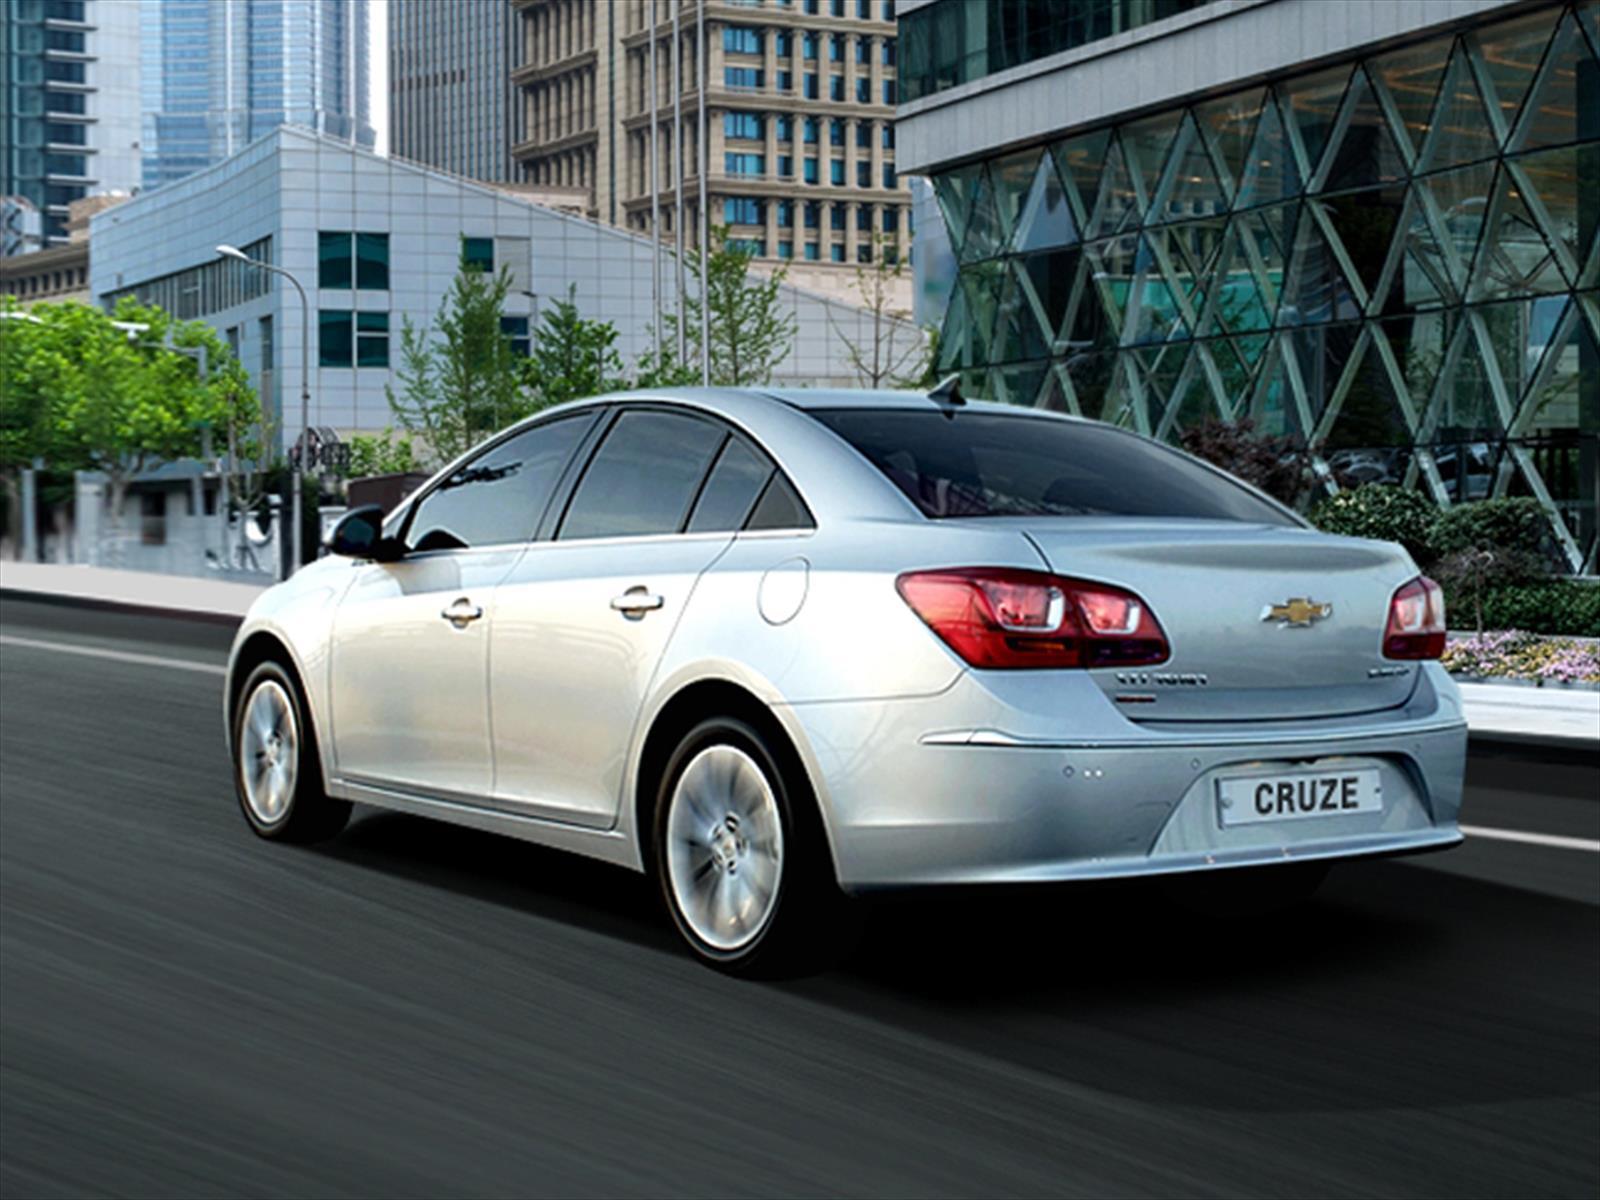 Chevrolet usados - usados y autos nuevos | DeMotores